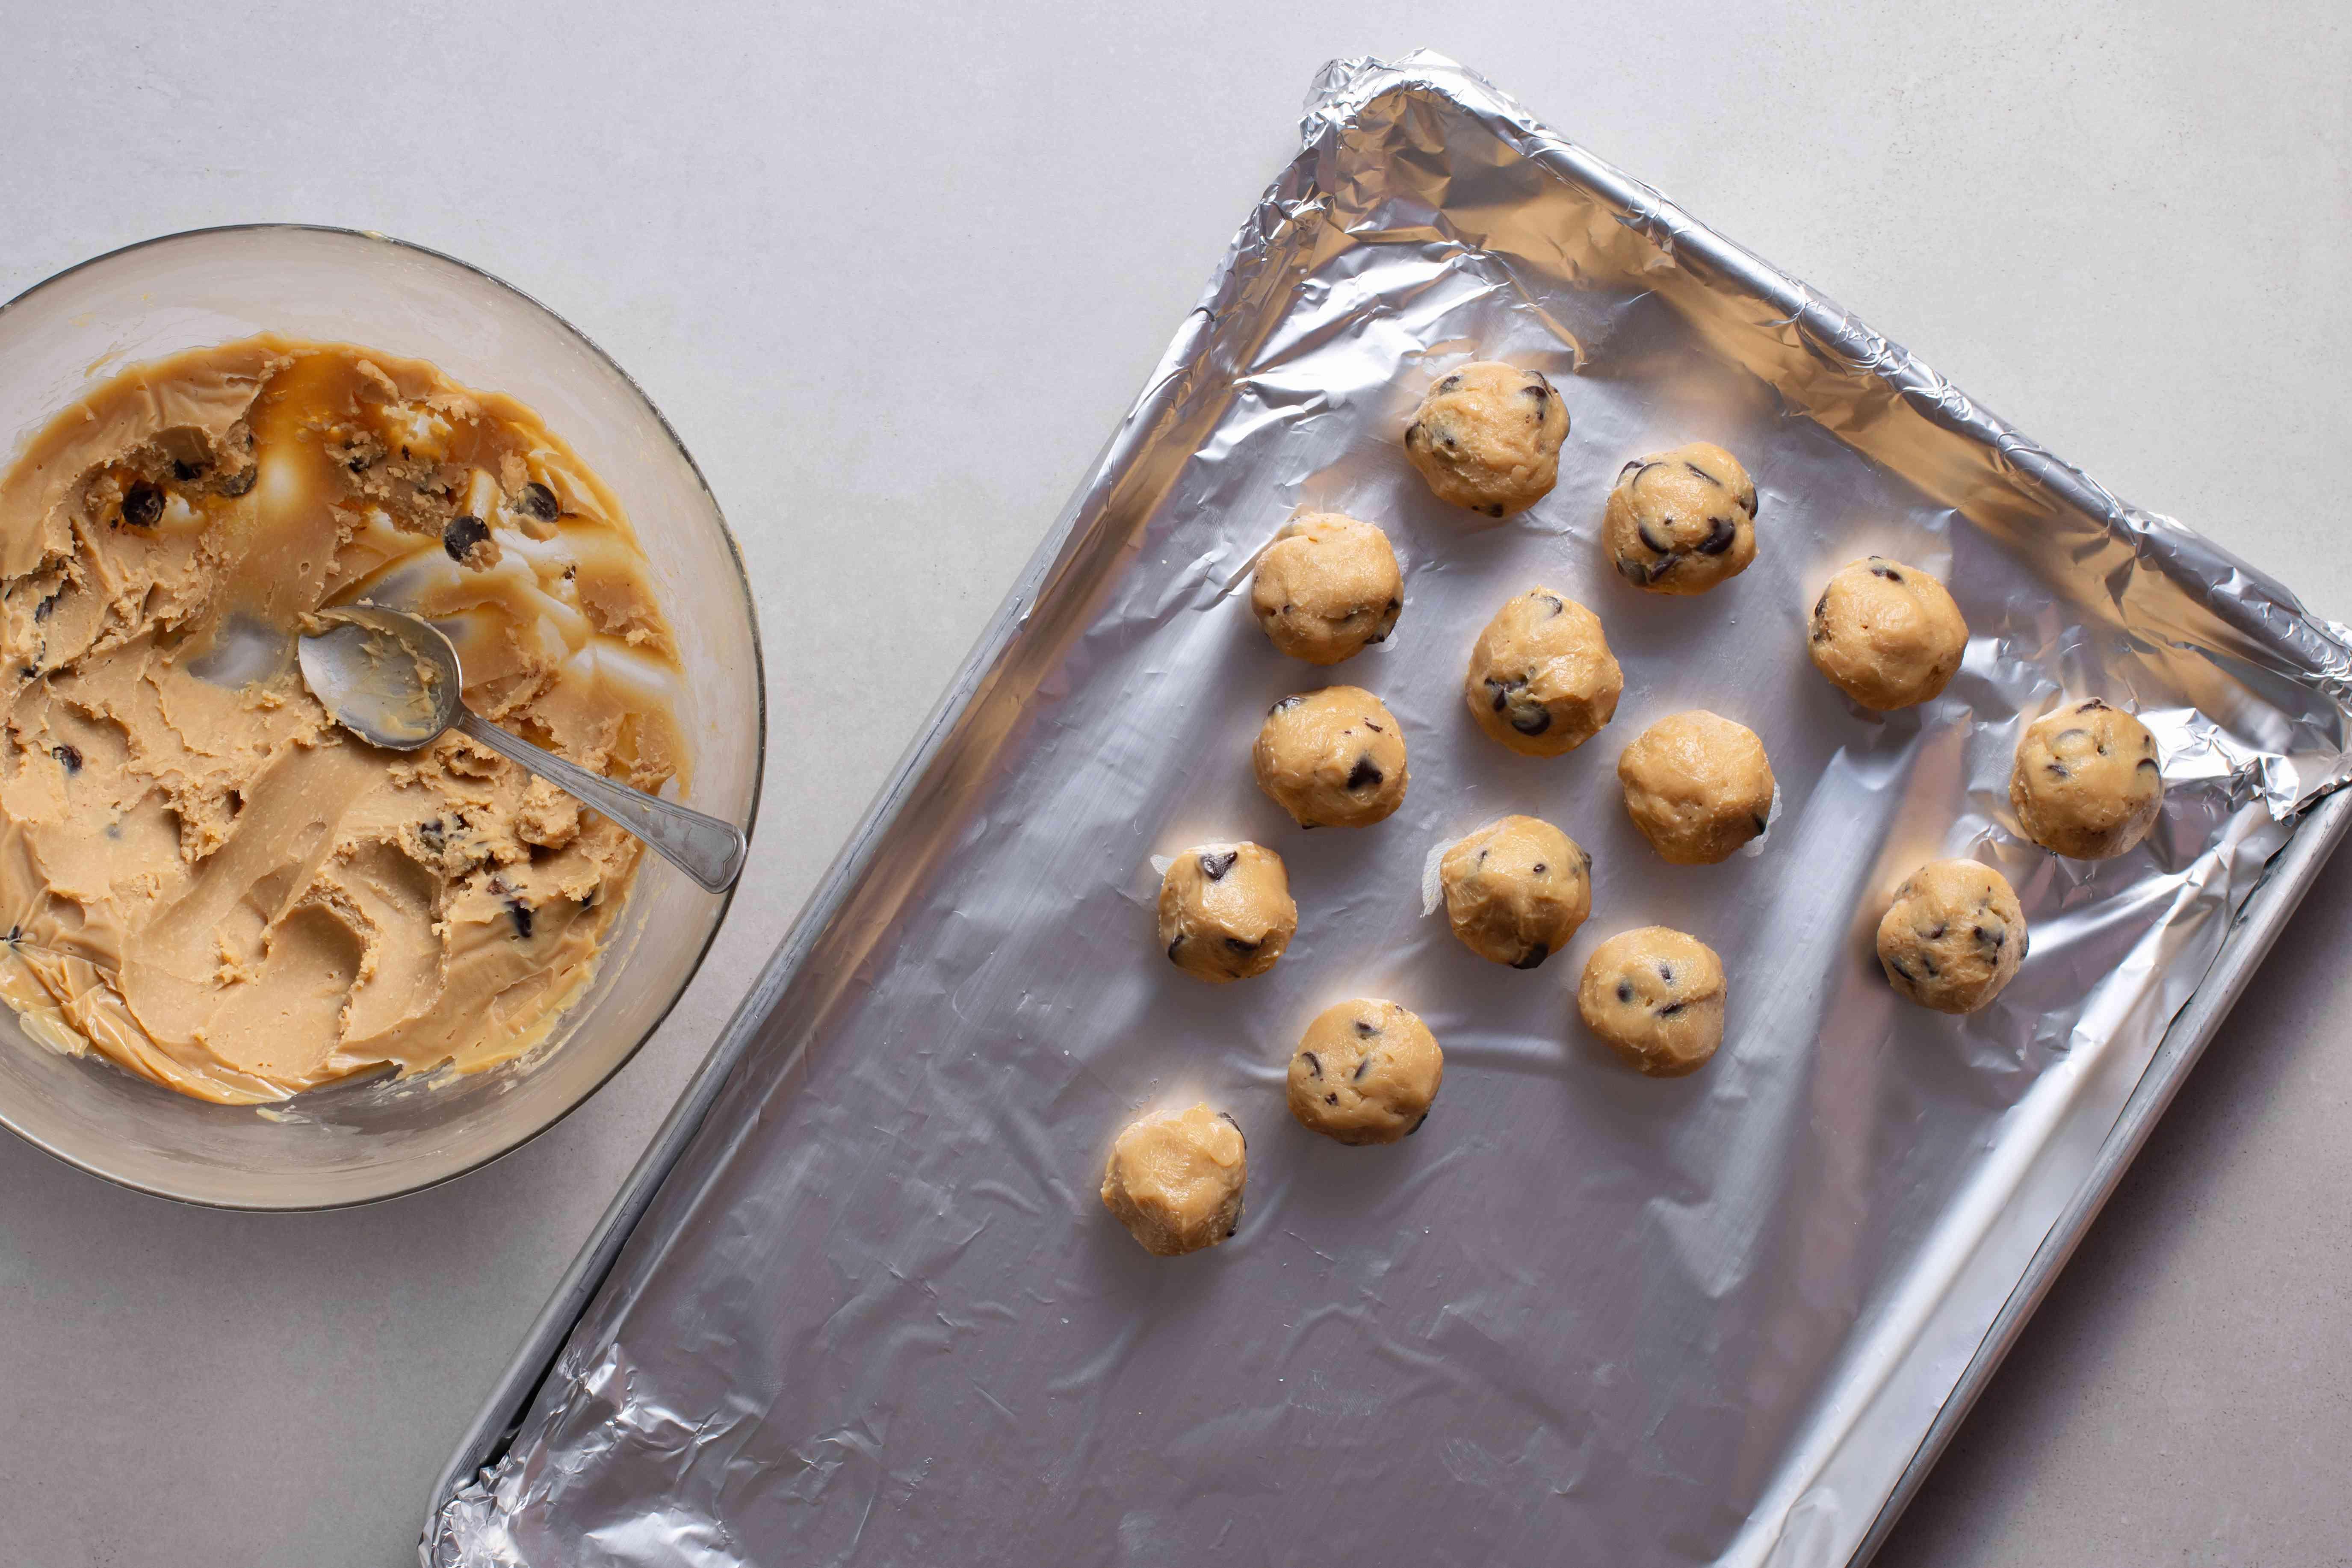 truffle balls on an aluminum foil line baking sheet